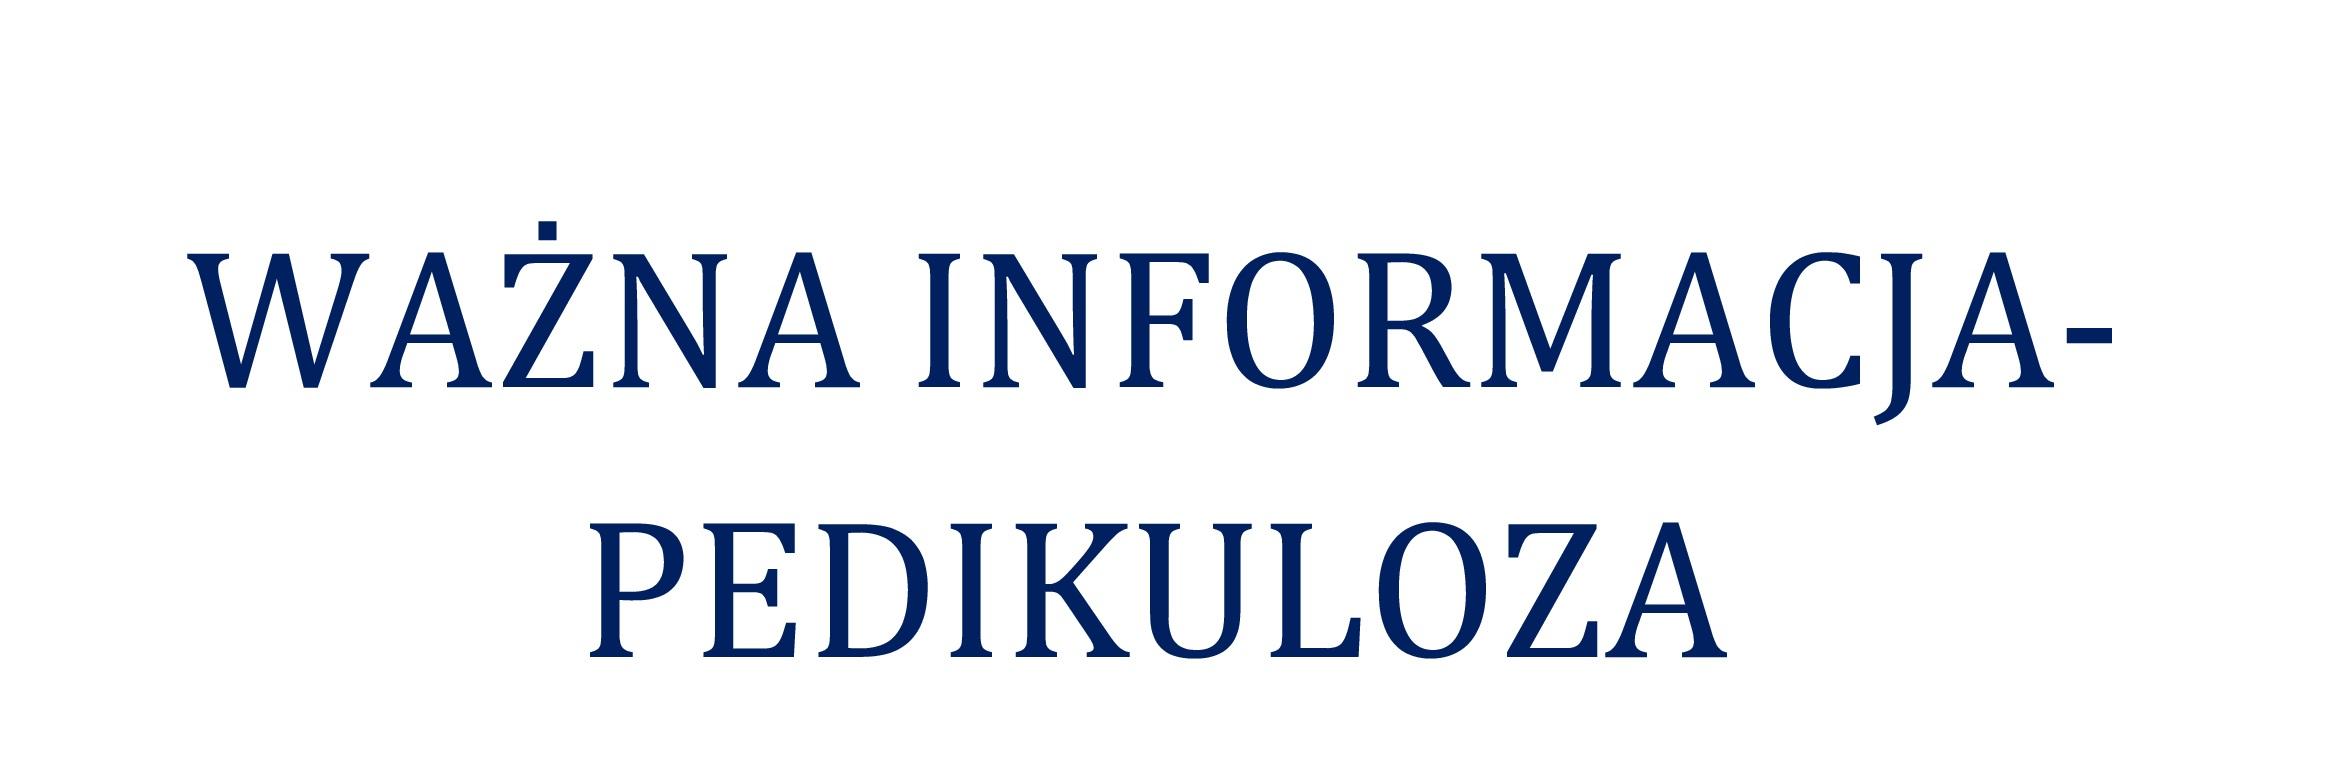 Ważna informacja- PEDIKULOZA